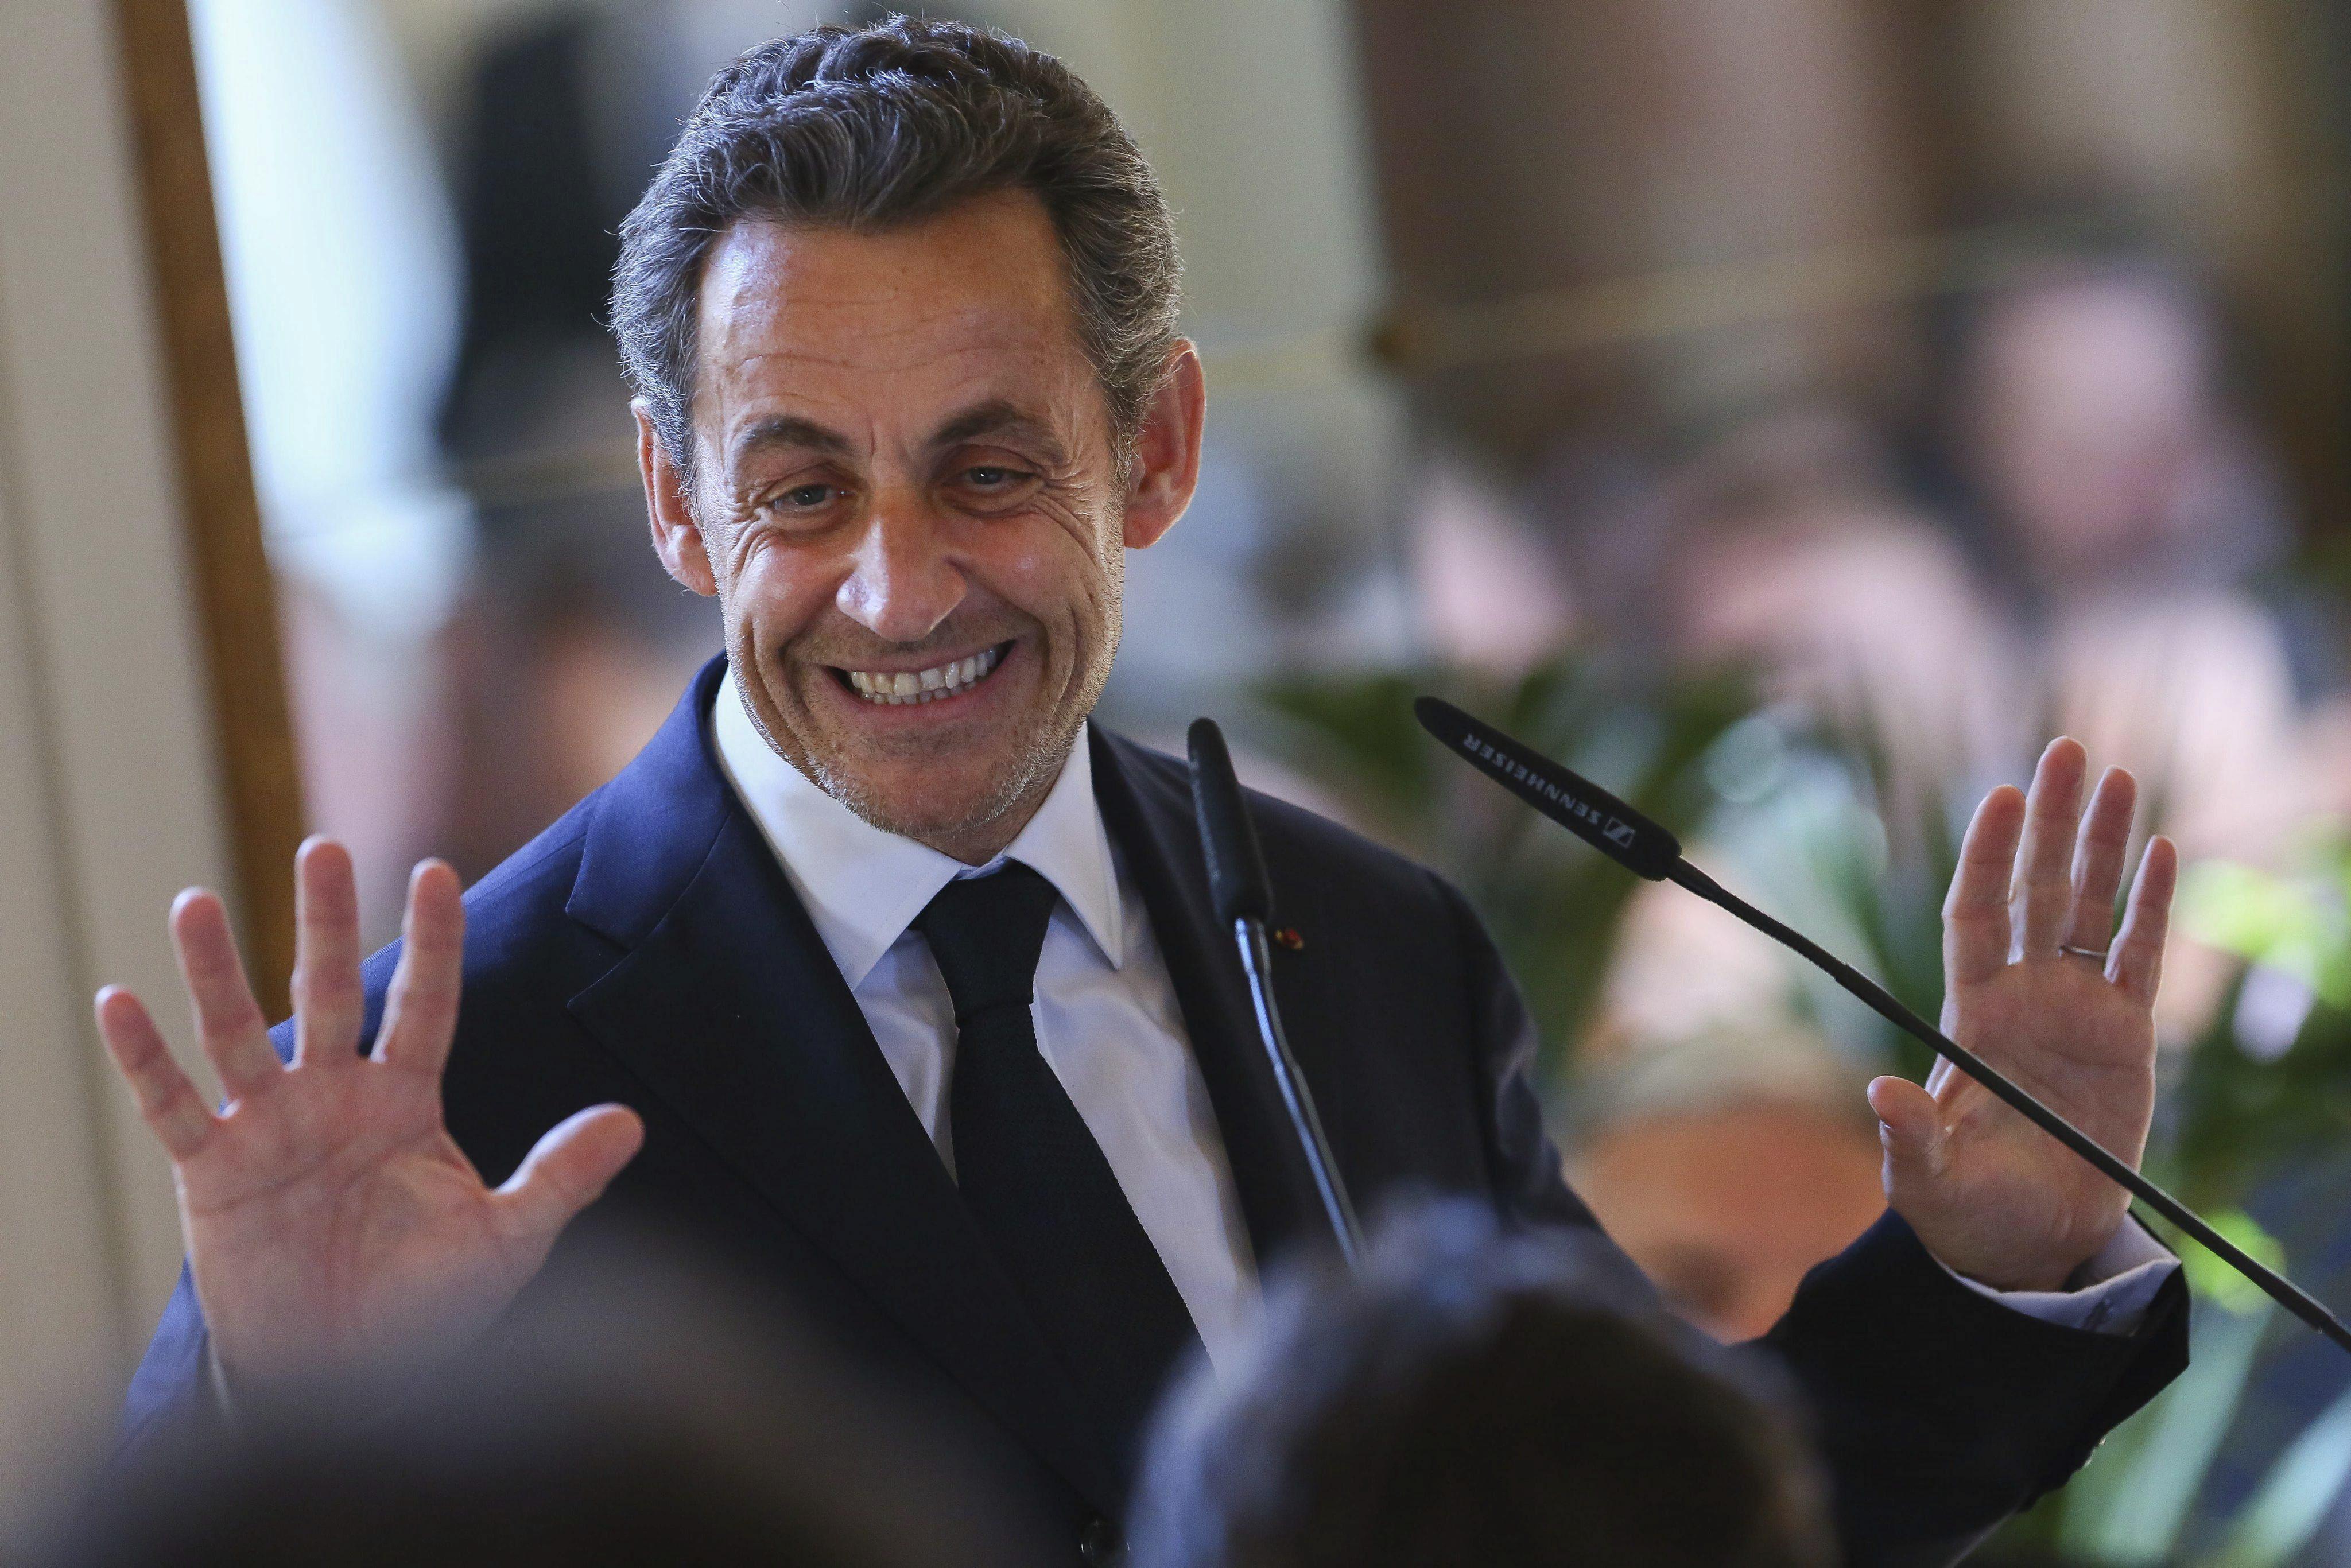 Sarkozy anuncia su dimisión inmediata del Consejo Constitucional francés